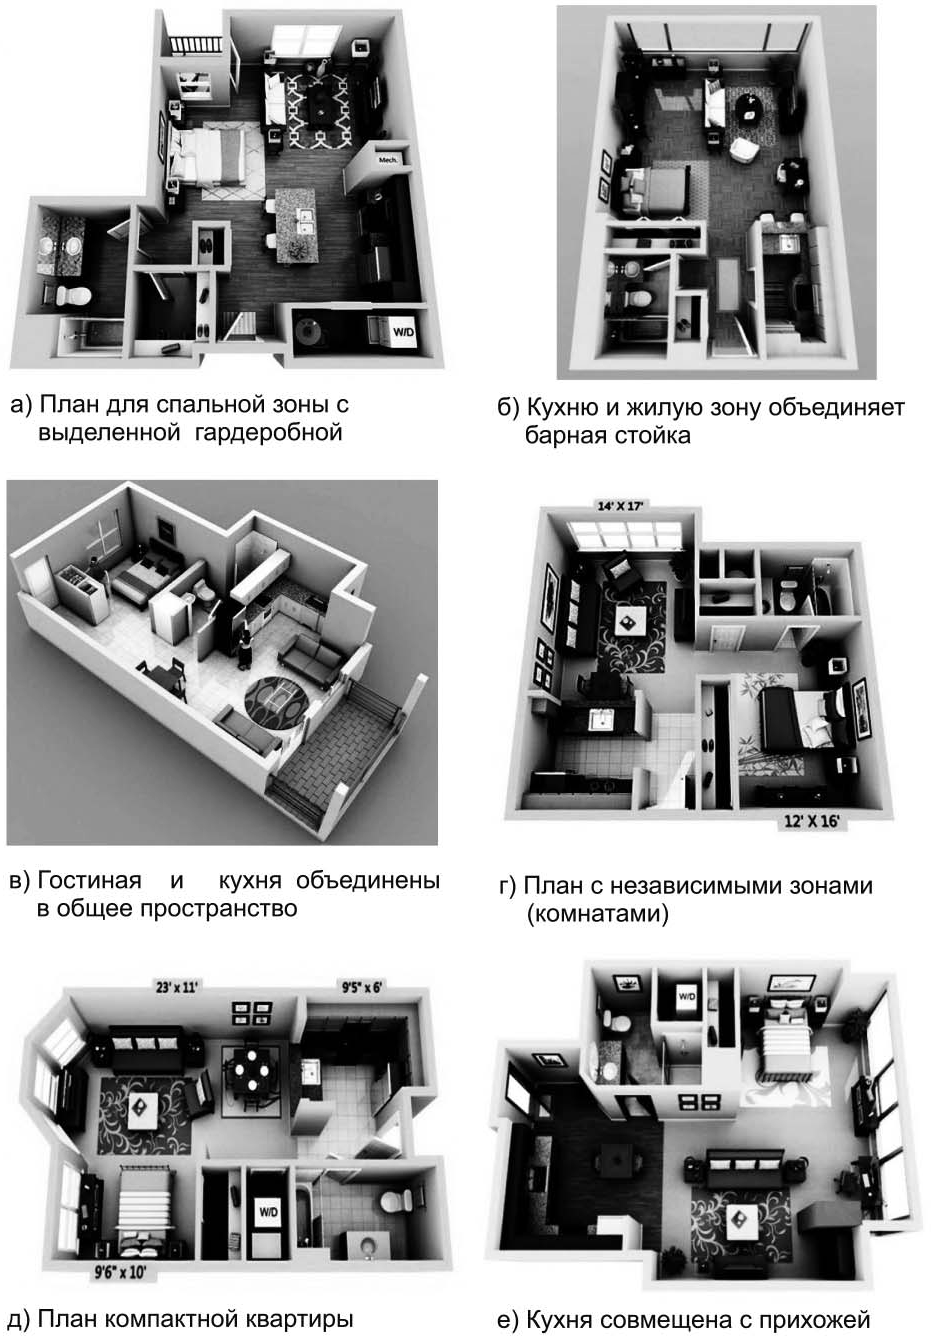 Примеры планировочных решений однокомнатных квартир